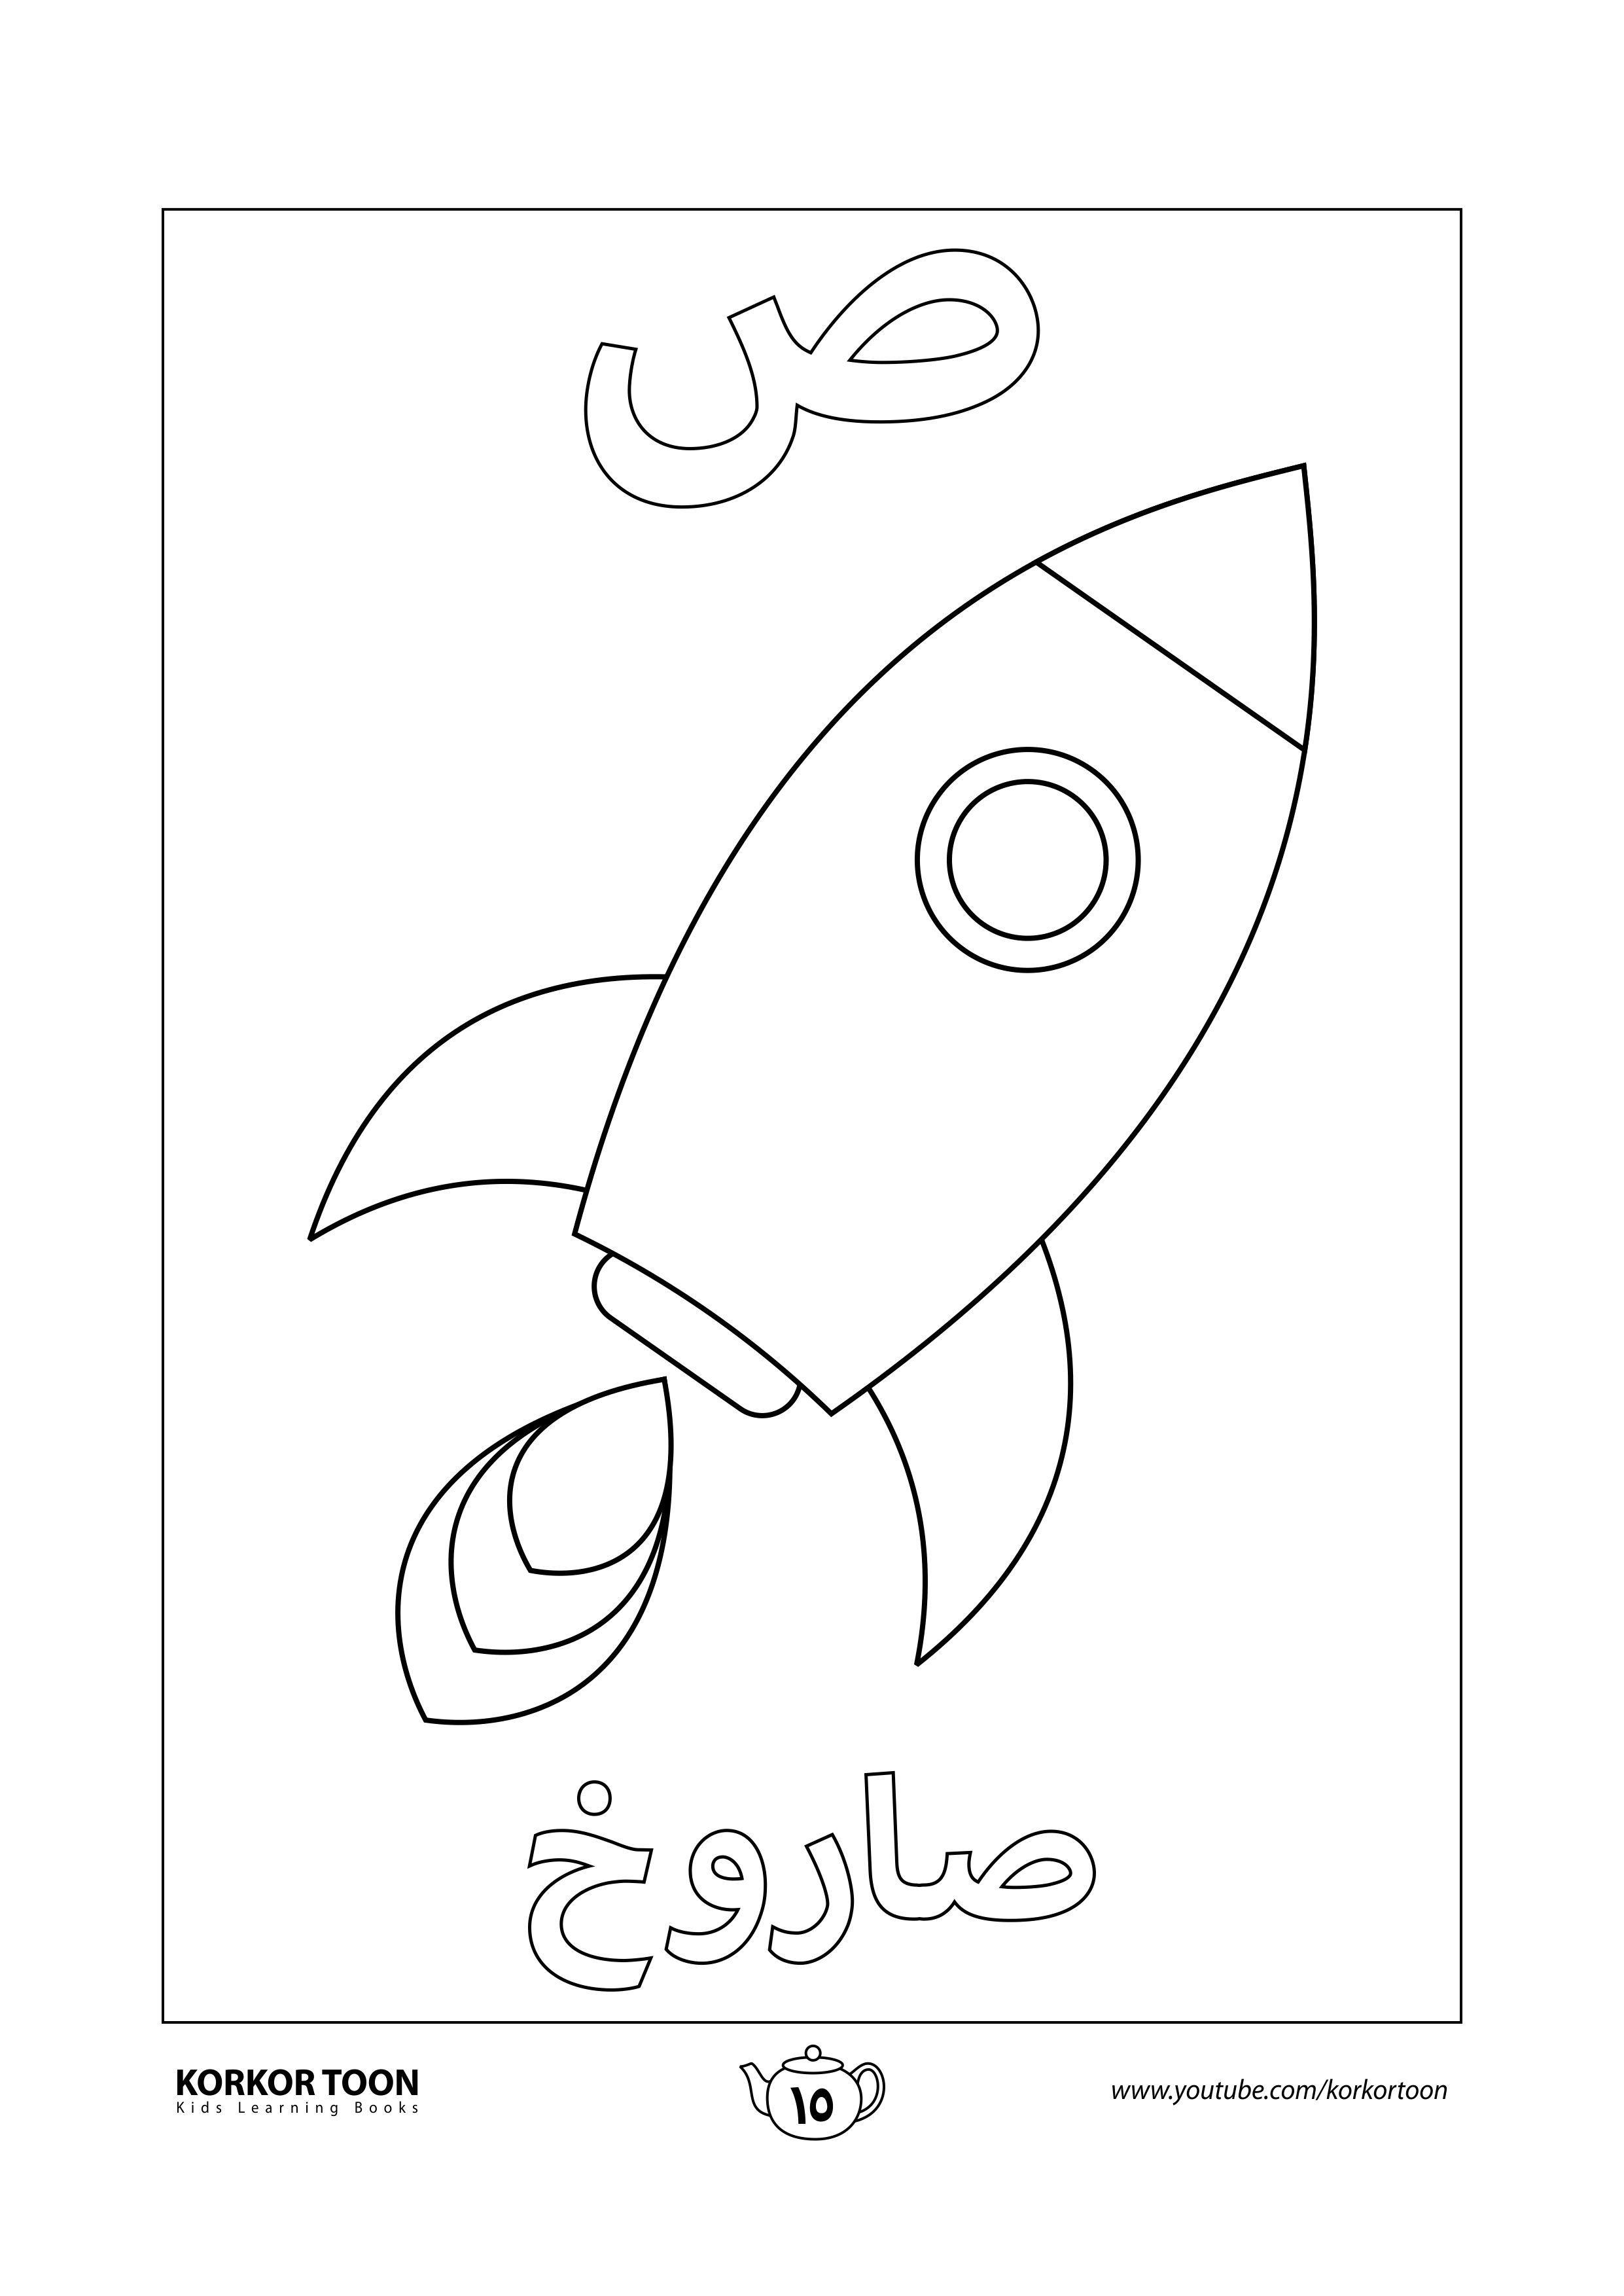 صفحة تلوين حرف الصاد كتاب تلوين الحروف العربية للأطفال Learning Arabic Arabic Alphabet Symbols